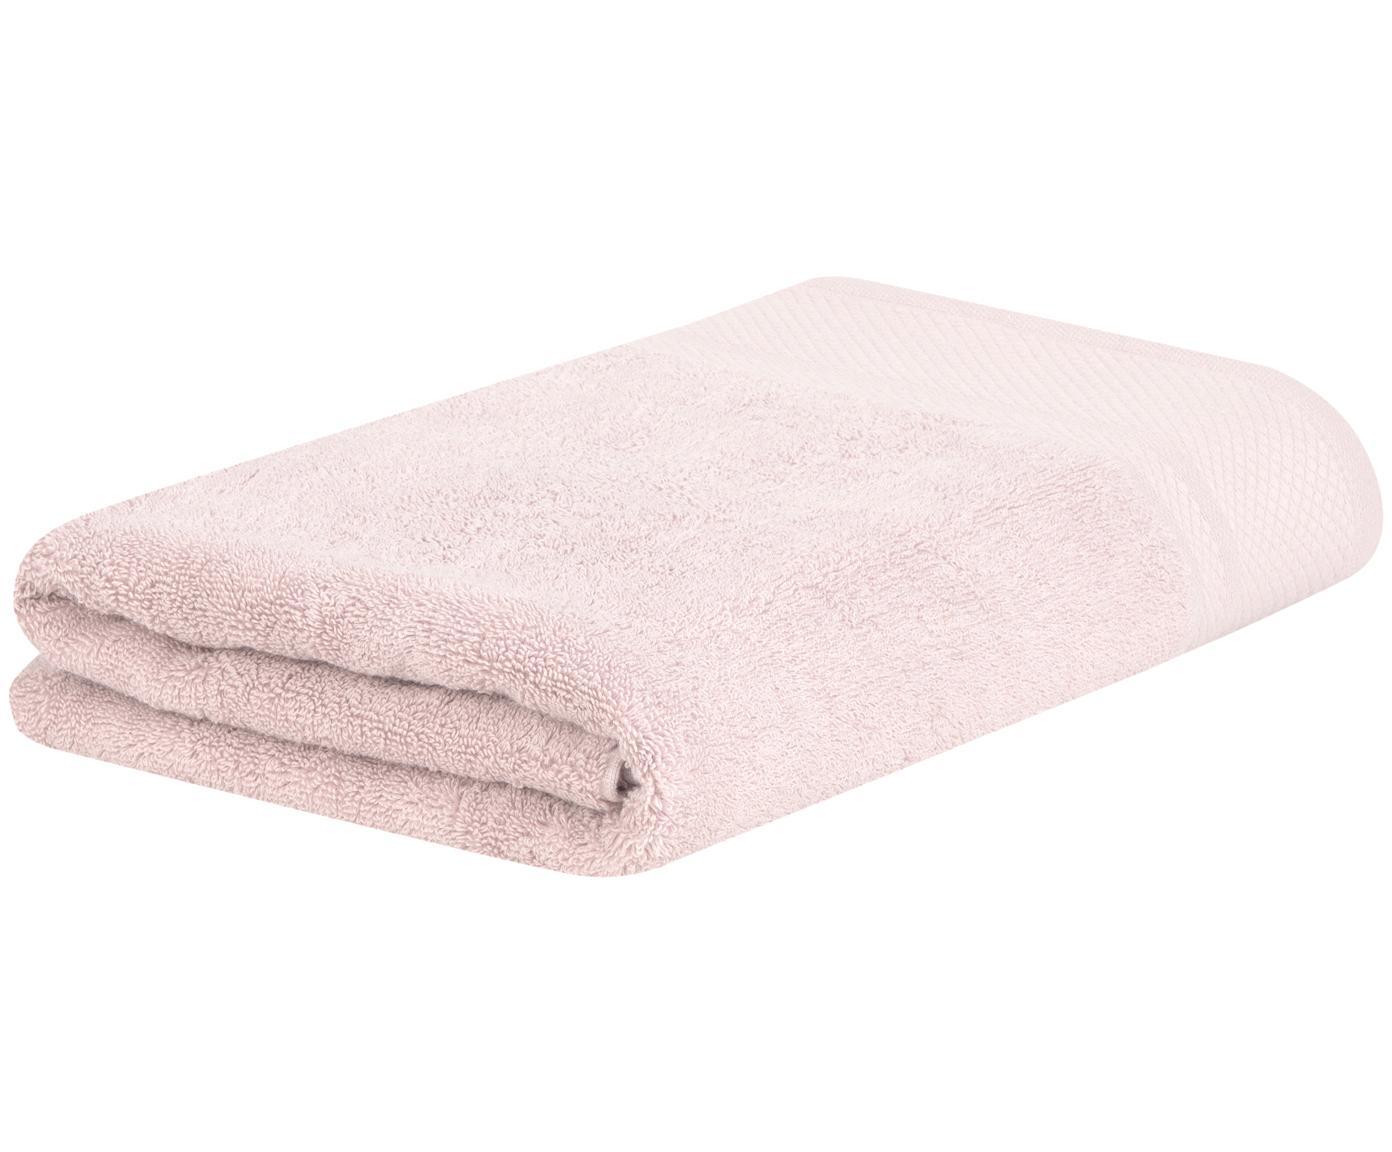 Asciugamano con bordo decorativo Premium, diverse misure, Rosa cipria, Asciugamano per ospiti Larg. 30 x Lung. 30 cm